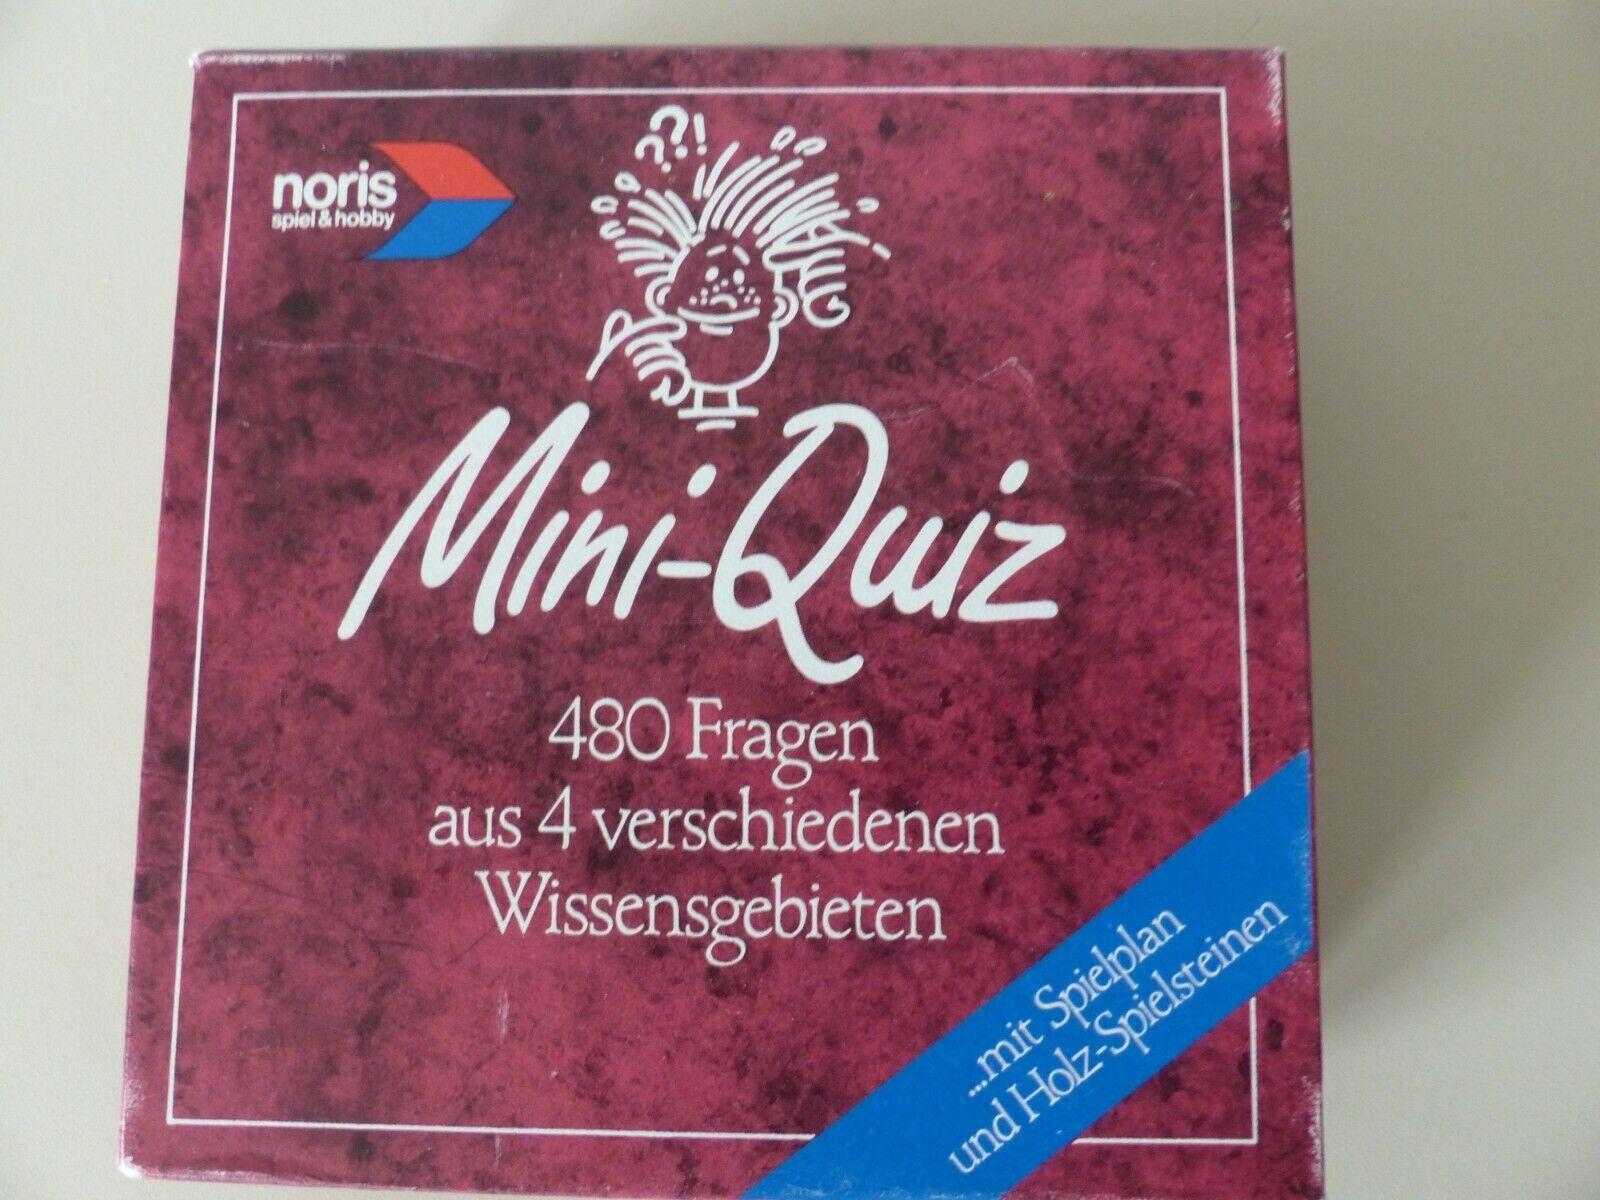 Mini-Quiz, Noris spiel&hobby, Reisespiel für 2-12 Pers. ab 12 Jahre/ Erwachsene